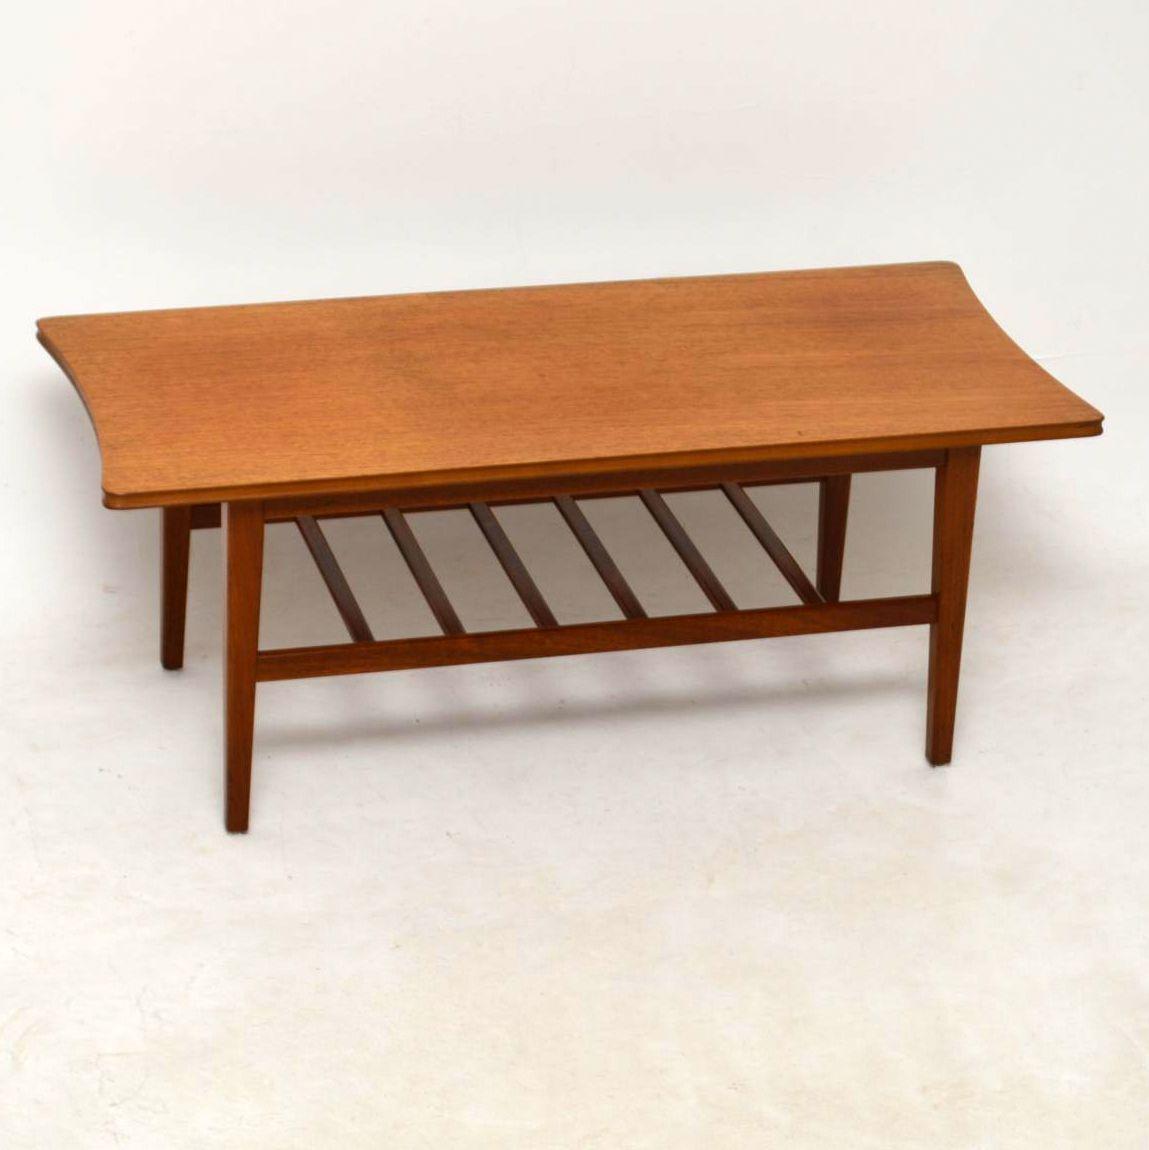 1950's Teak Vintage Coffee Table by Richard Hornby